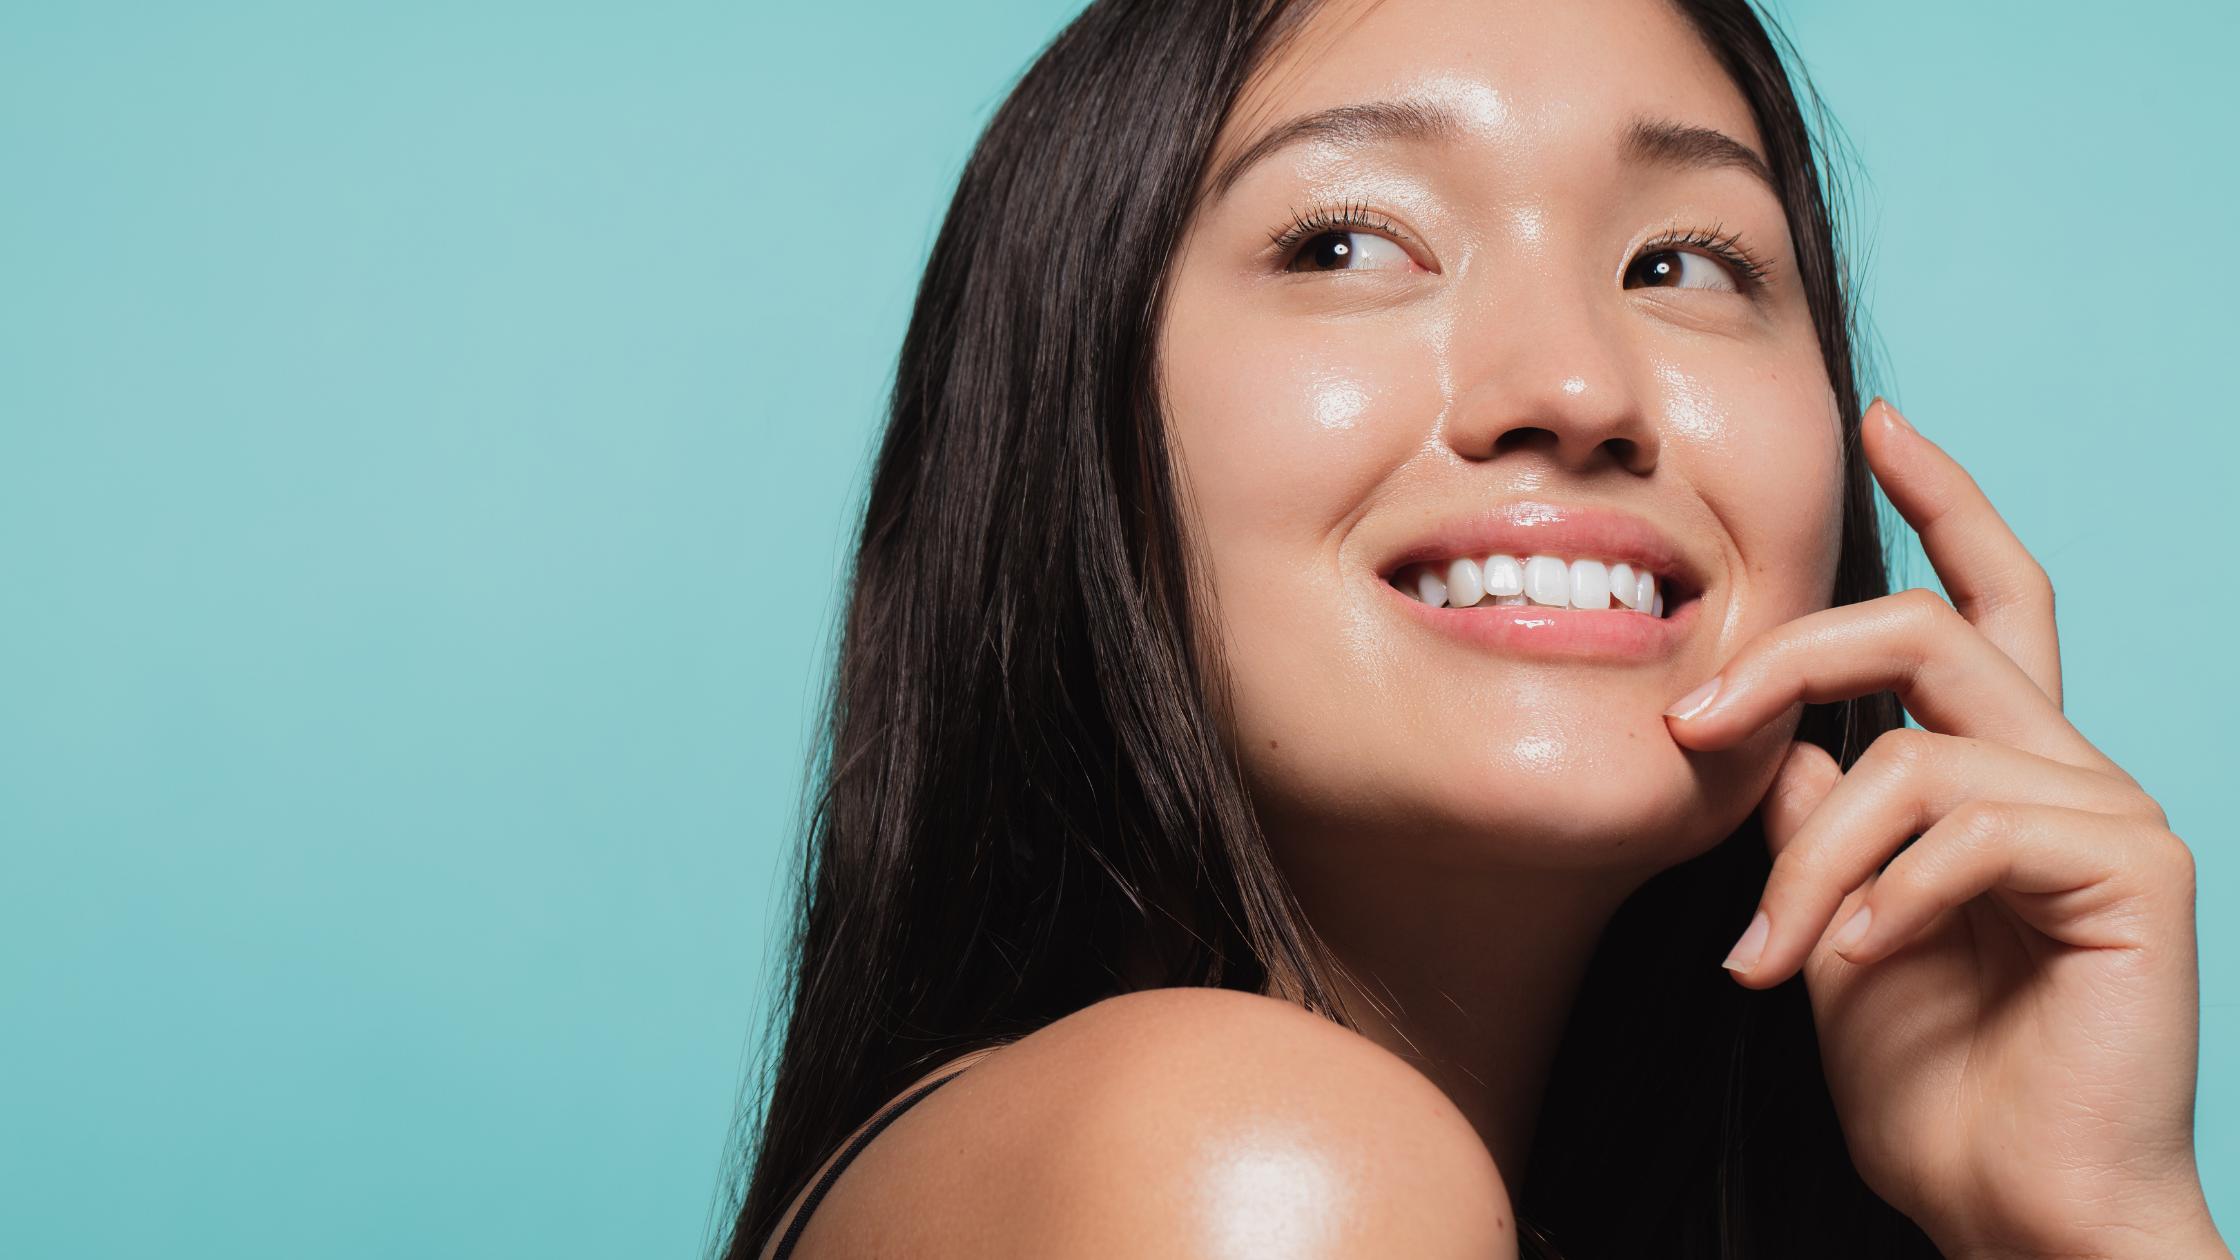 skinimalism - minimalist makeup